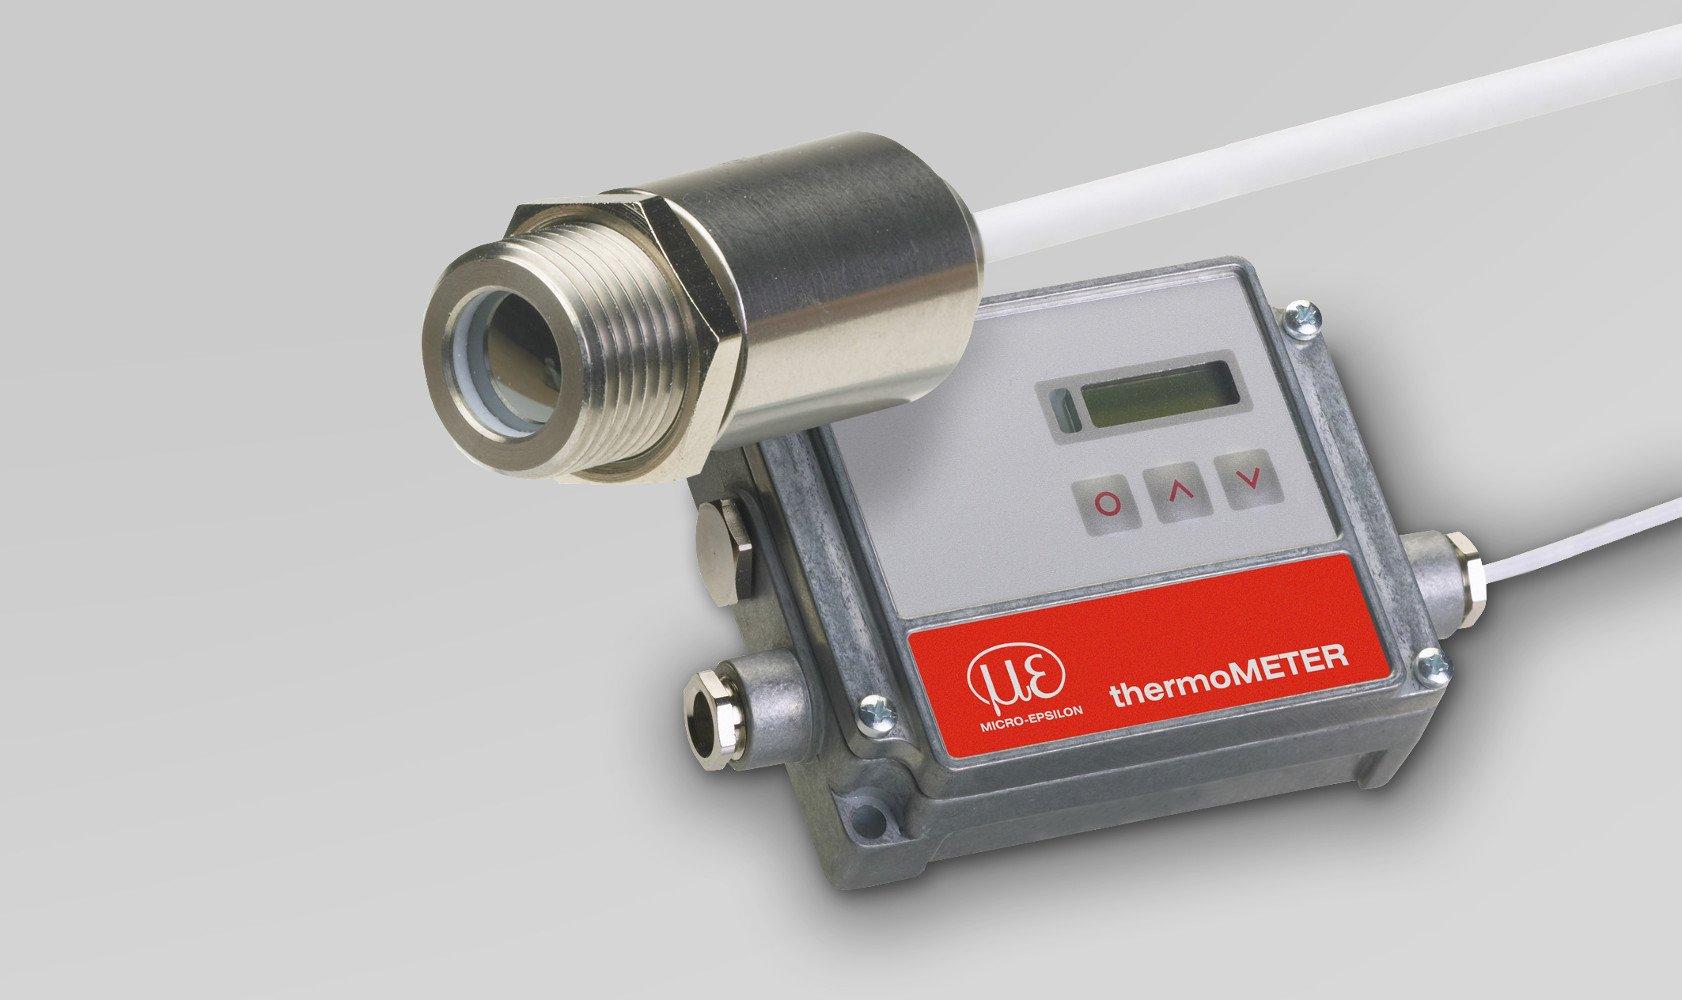 Bezkontaktowy pomiar temperatury i termowizja